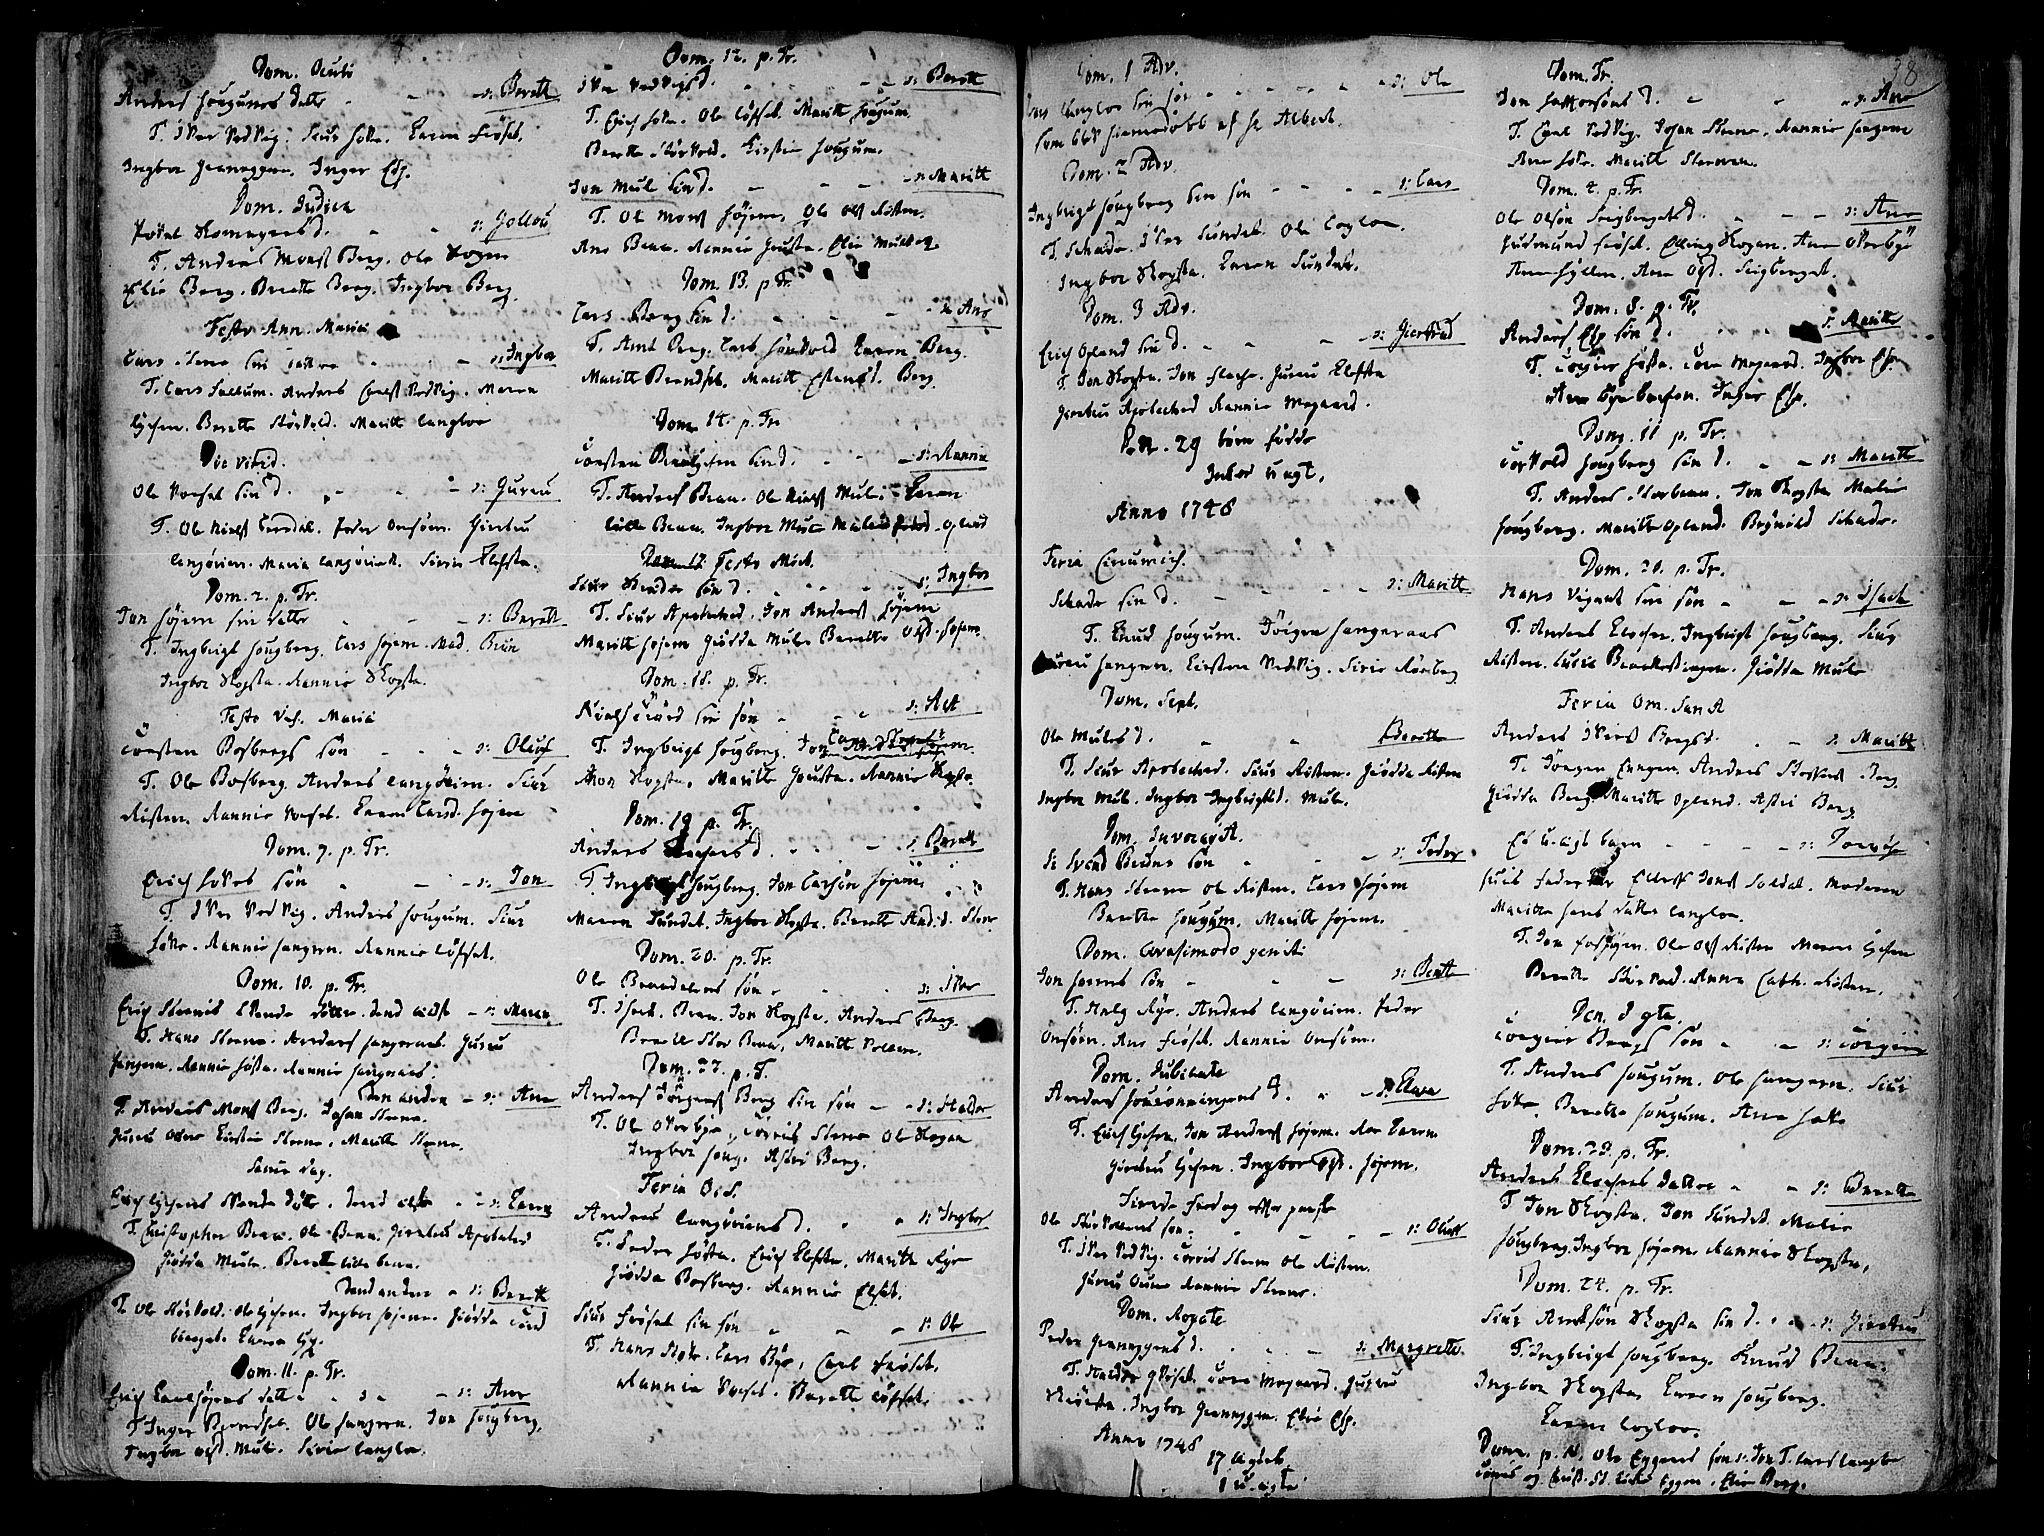 SAT, Ministerialprotokoller, klokkerbøker og fødselsregistre - Sør-Trøndelag, 612/L0368: Ministerialbok nr. 612A02, 1702-1753, s. 38